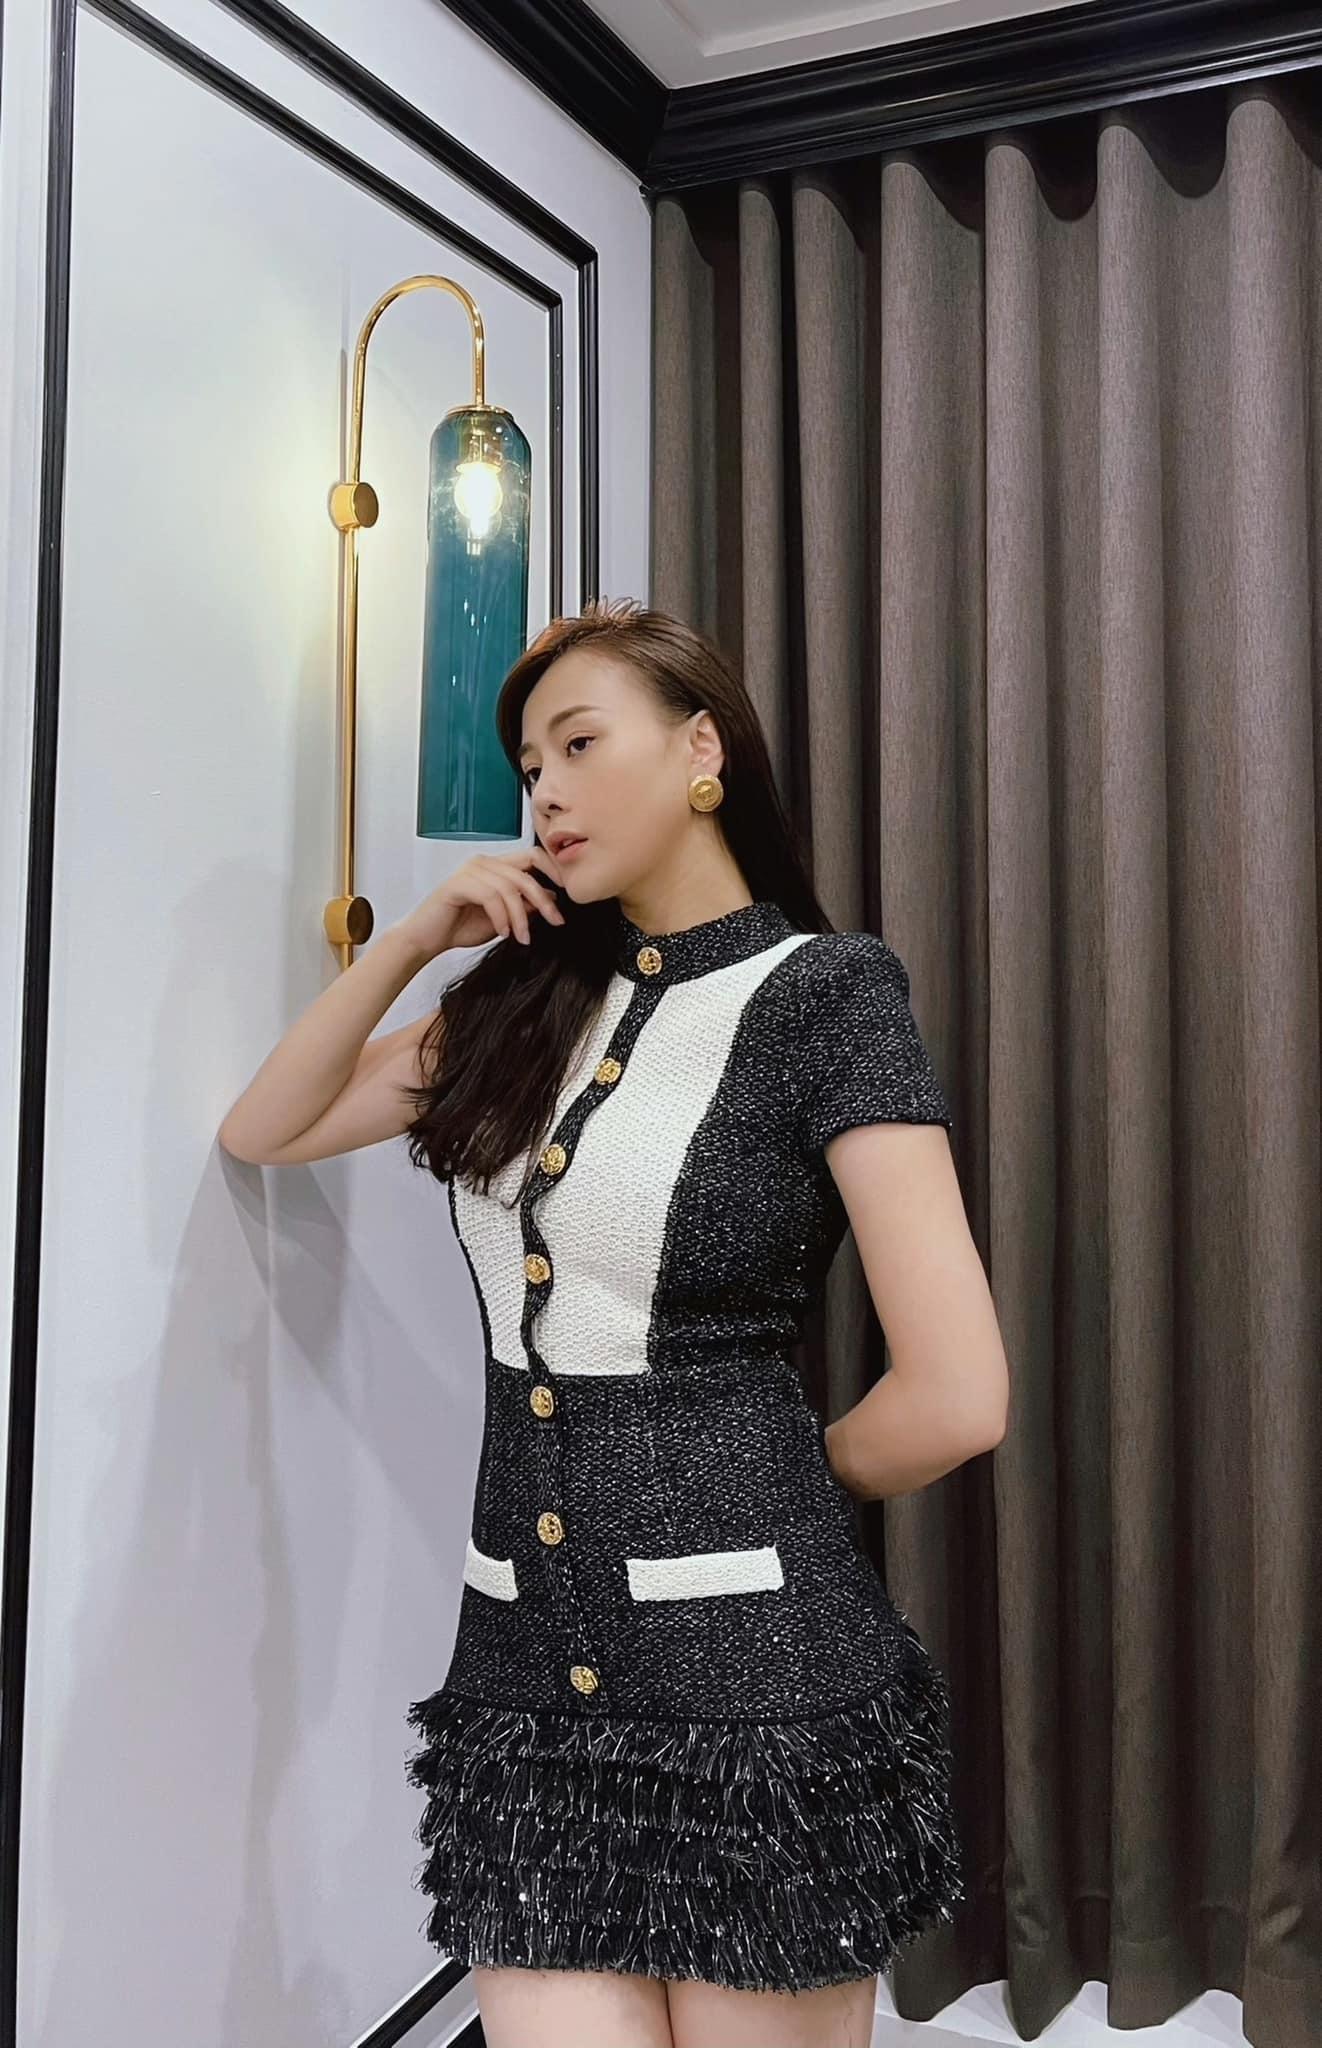 Bị chê mặc đồ 'thảm họa' trong phim, Phương Oanh đáp trả khéo léo kiểu 'ông nói gà, bà nói vịt'